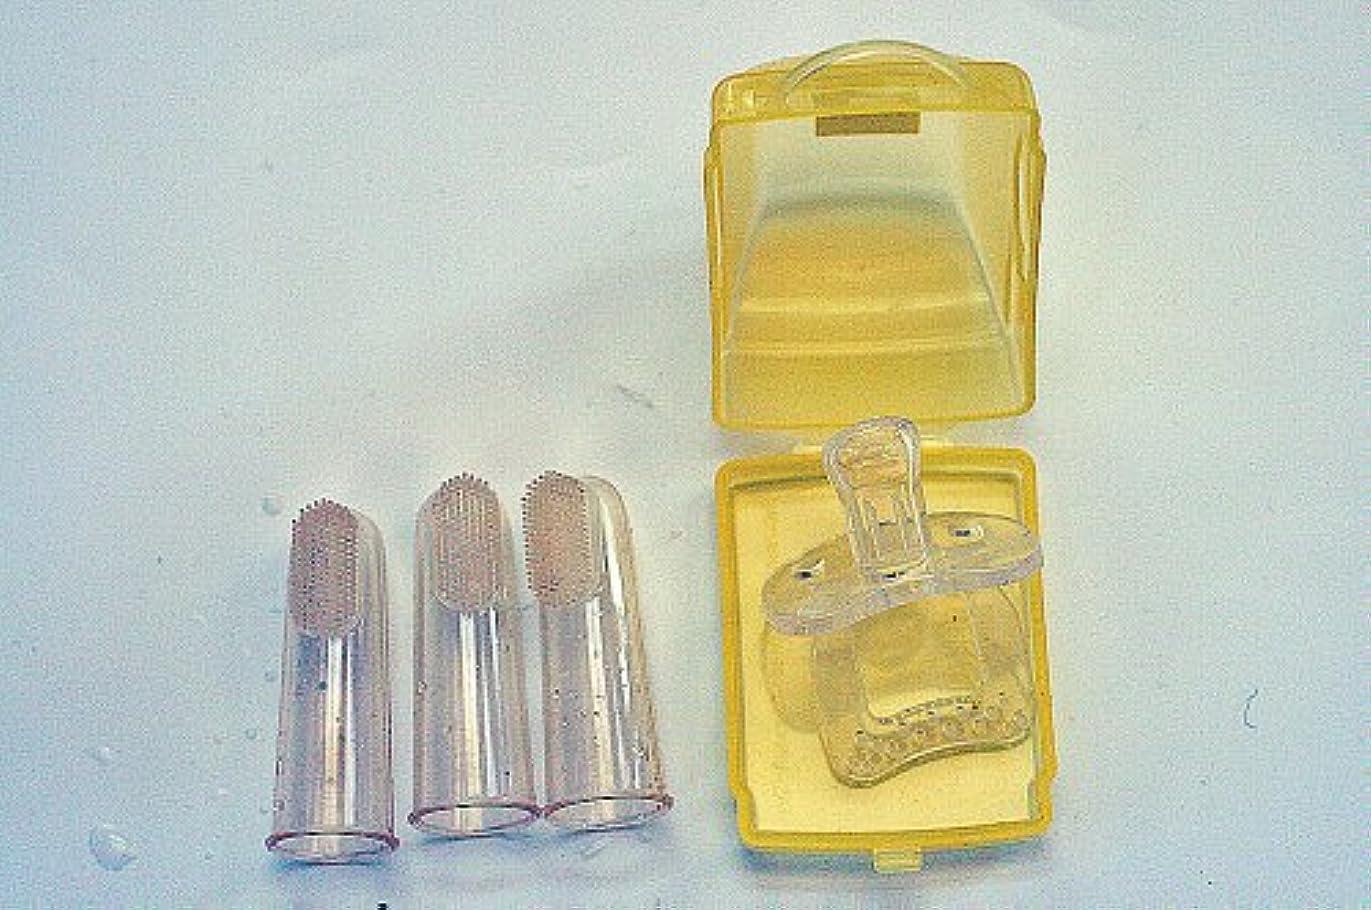 支援葉ハーブ歯ブラシ おしゃぶり ベビーソフト歯ブラシ3個セット/ シリコンおしゃぶりカーケース入り オーラルケアギフトセット 2種類組み